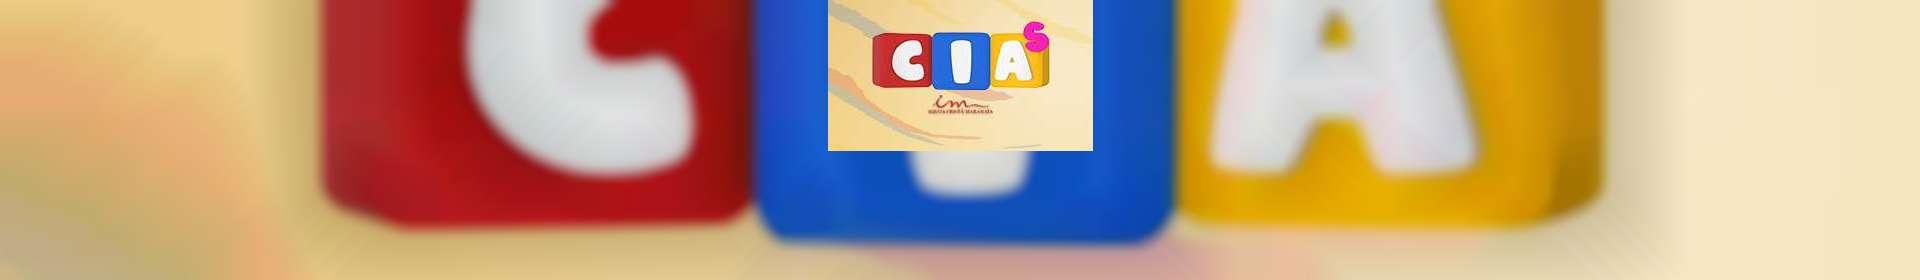 Aula de CIAS: classe de 11 a 15 anos - 31 de março de 2020